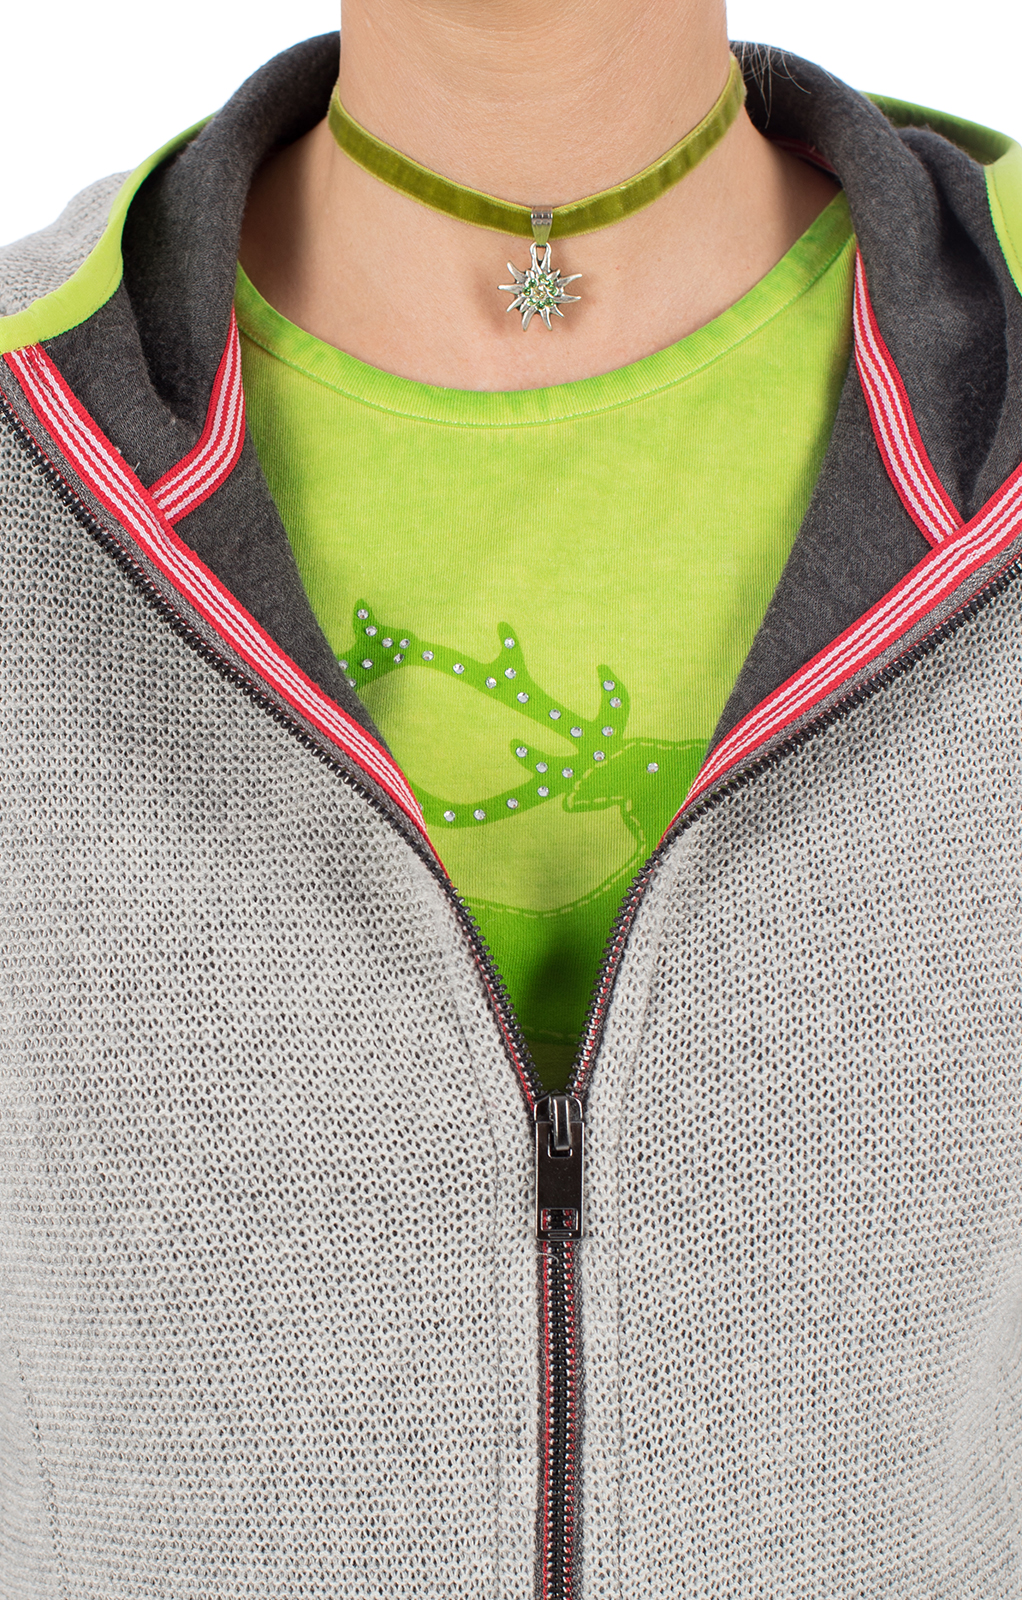 weitere Bilder von Trachtenjacke BIBERKOPF hellgrau grün